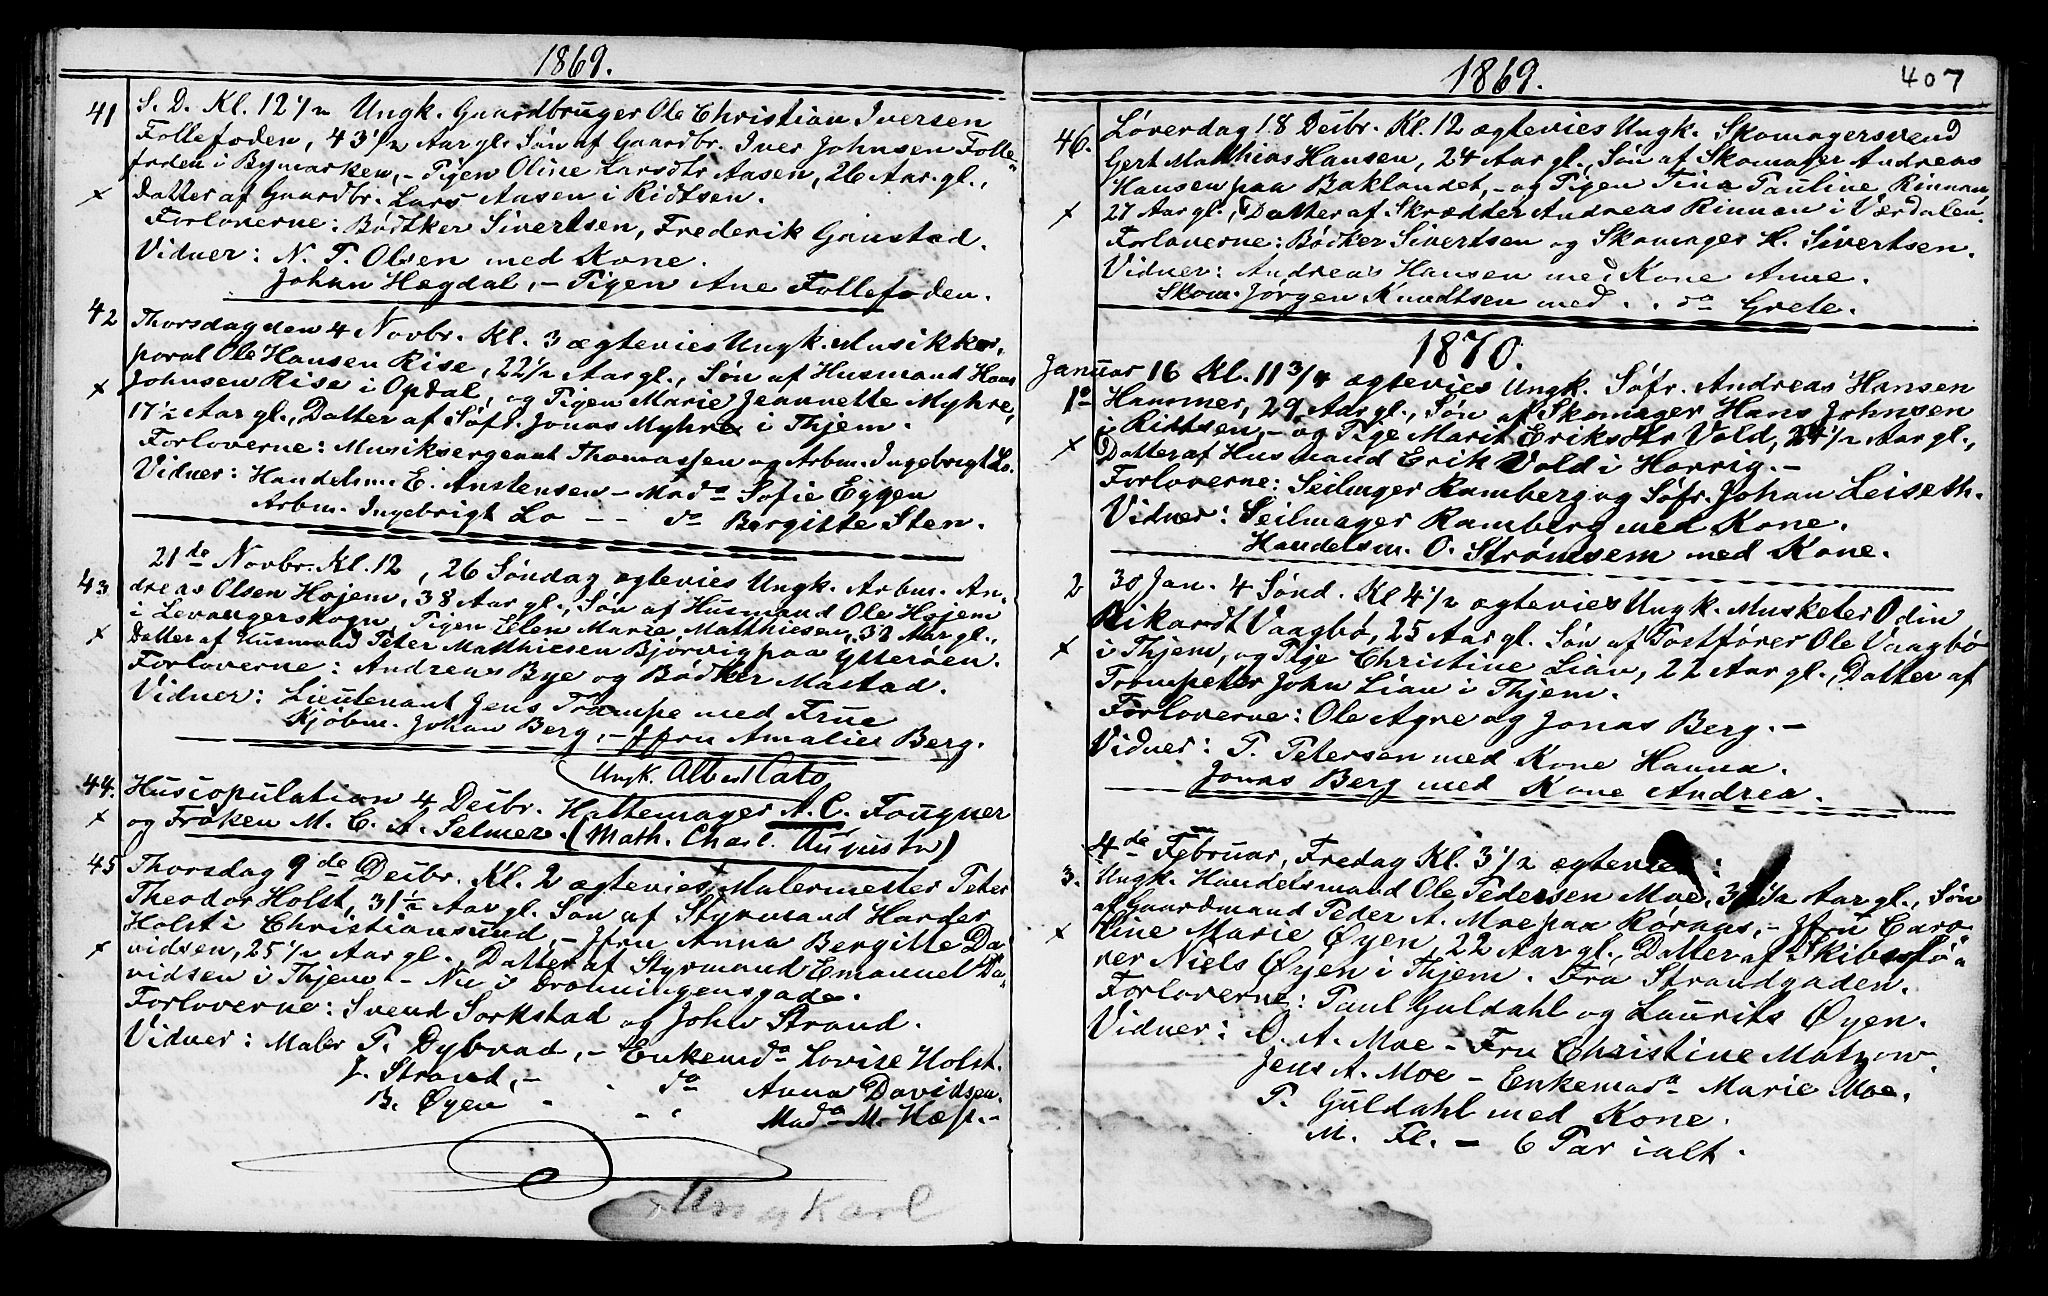 SAT, Ministerialprotokoller, klokkerbøker og fødselsregistre - Sør-Trøndelag, 602/L0140: Klokkerbok nr. 602C08, 1864-1872, s. 406-407